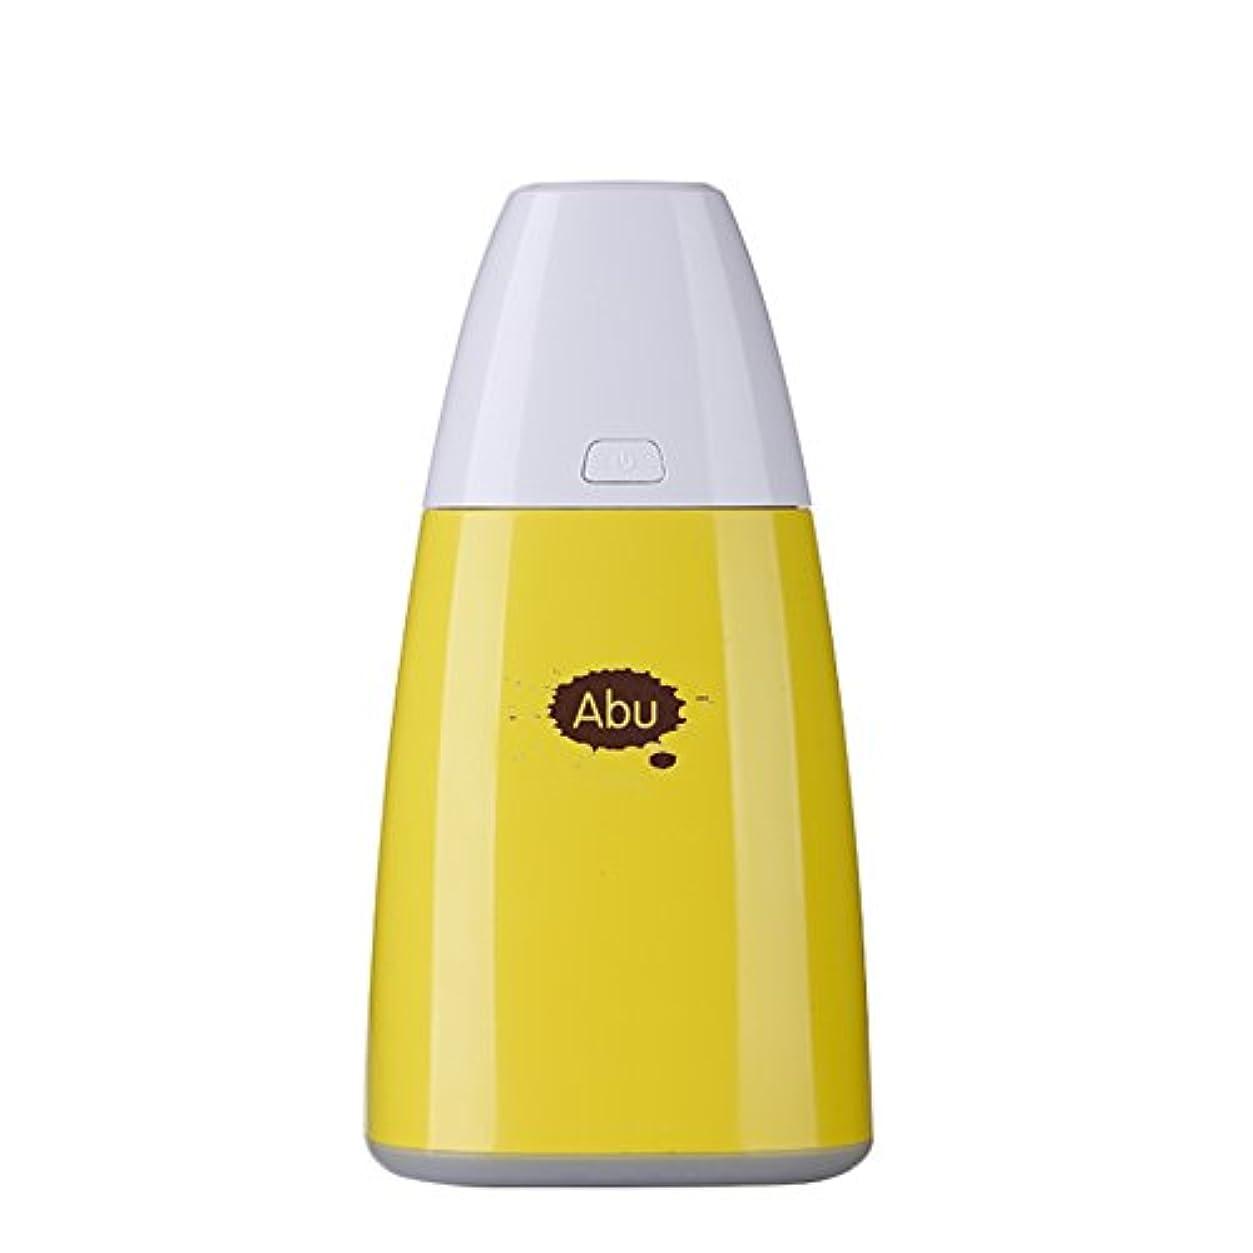 書士排他的実行するRakuby 250ml USBポータブル アロマ セラピーエッセンシャルオイル ディフューザー ミニ 超音波 クールミスト加湿器 カラフル LEDライト ホームオフィス 寝室用